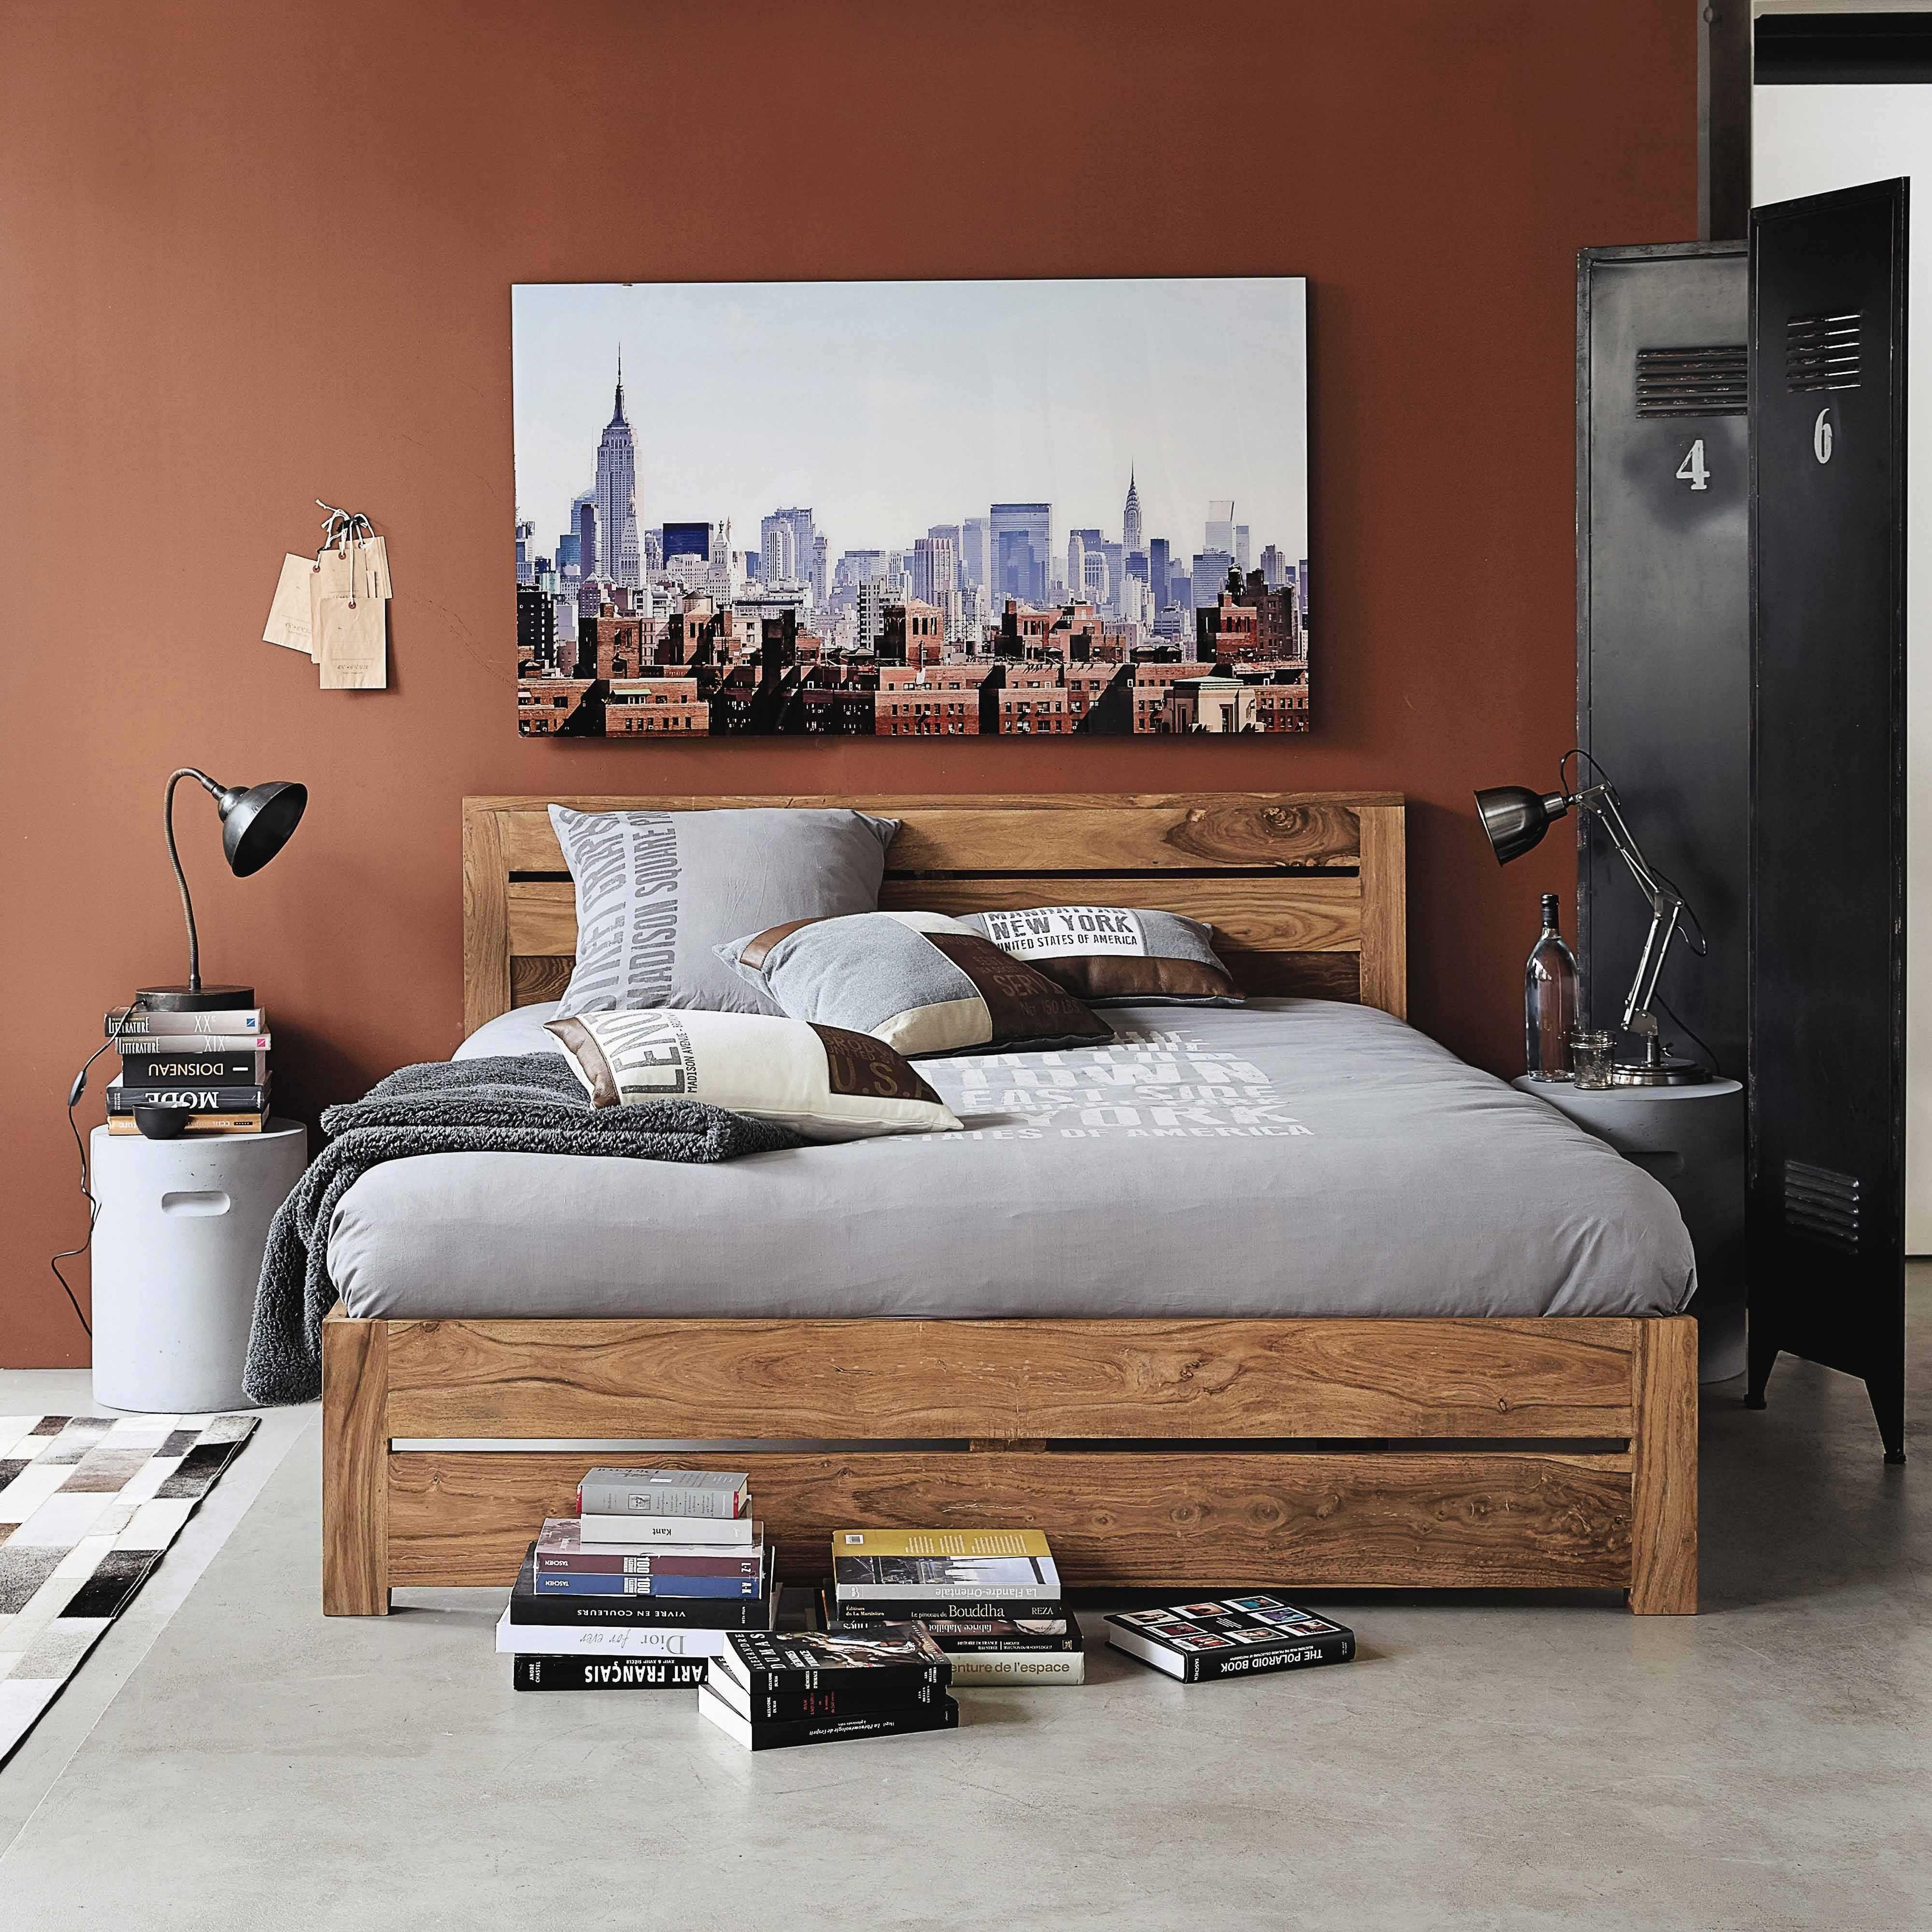 Maison Du Monde Opinioni letto 140 x 190 in massello di legno di sheesham   bed